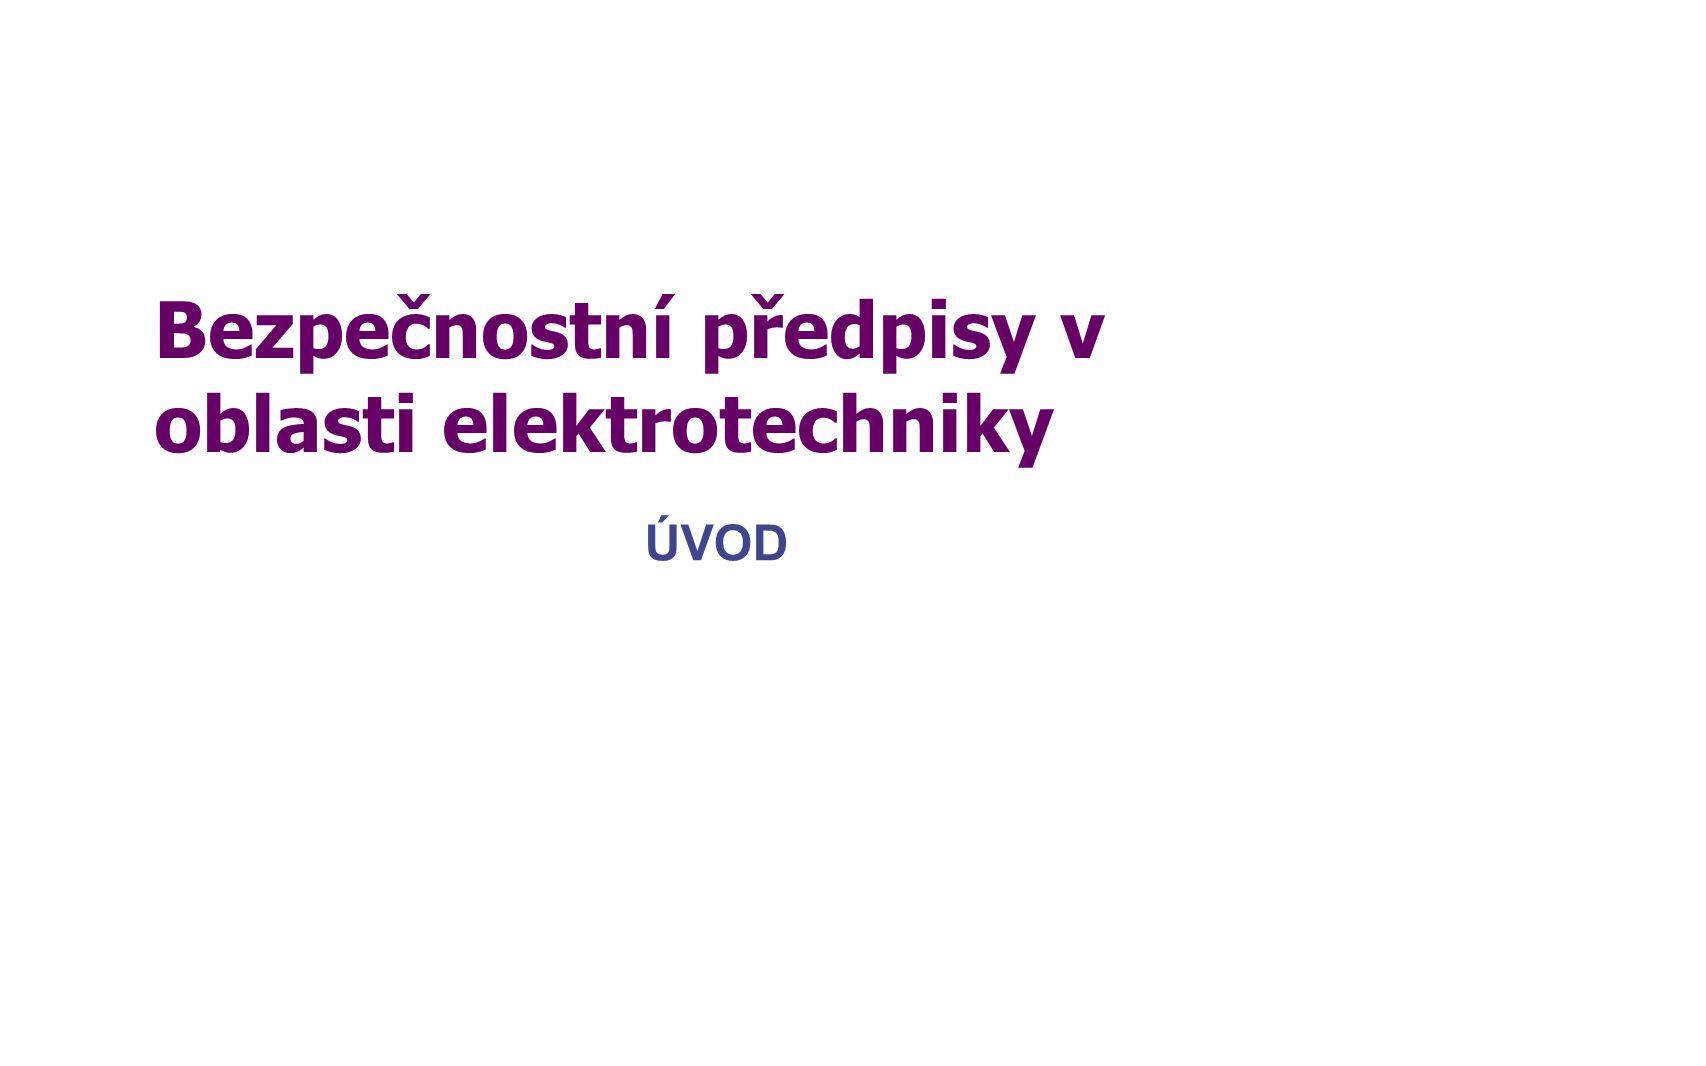 Bezpečnostní předpisy v oblasti elektrotechniky